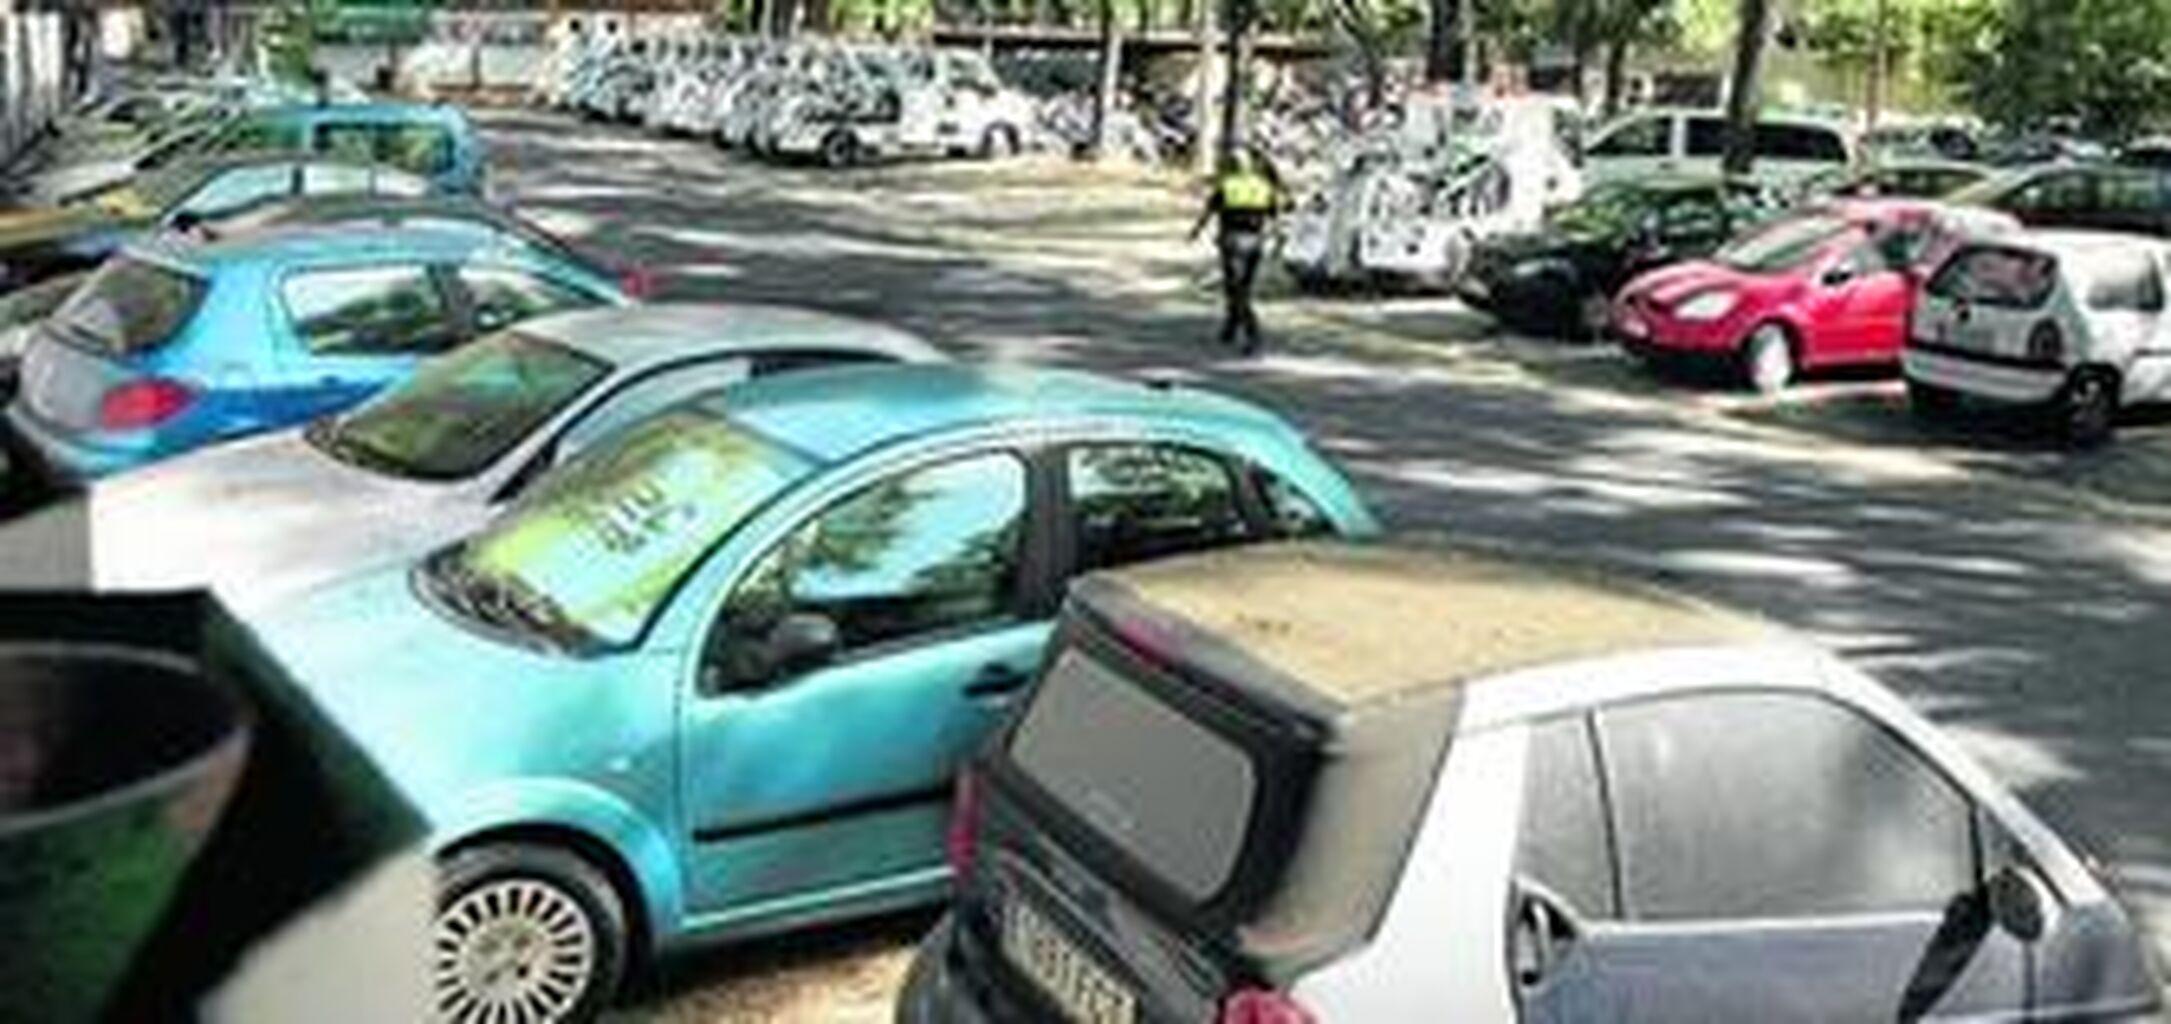 La Policía detecta irregularidades en el depósito municipal de la grúa